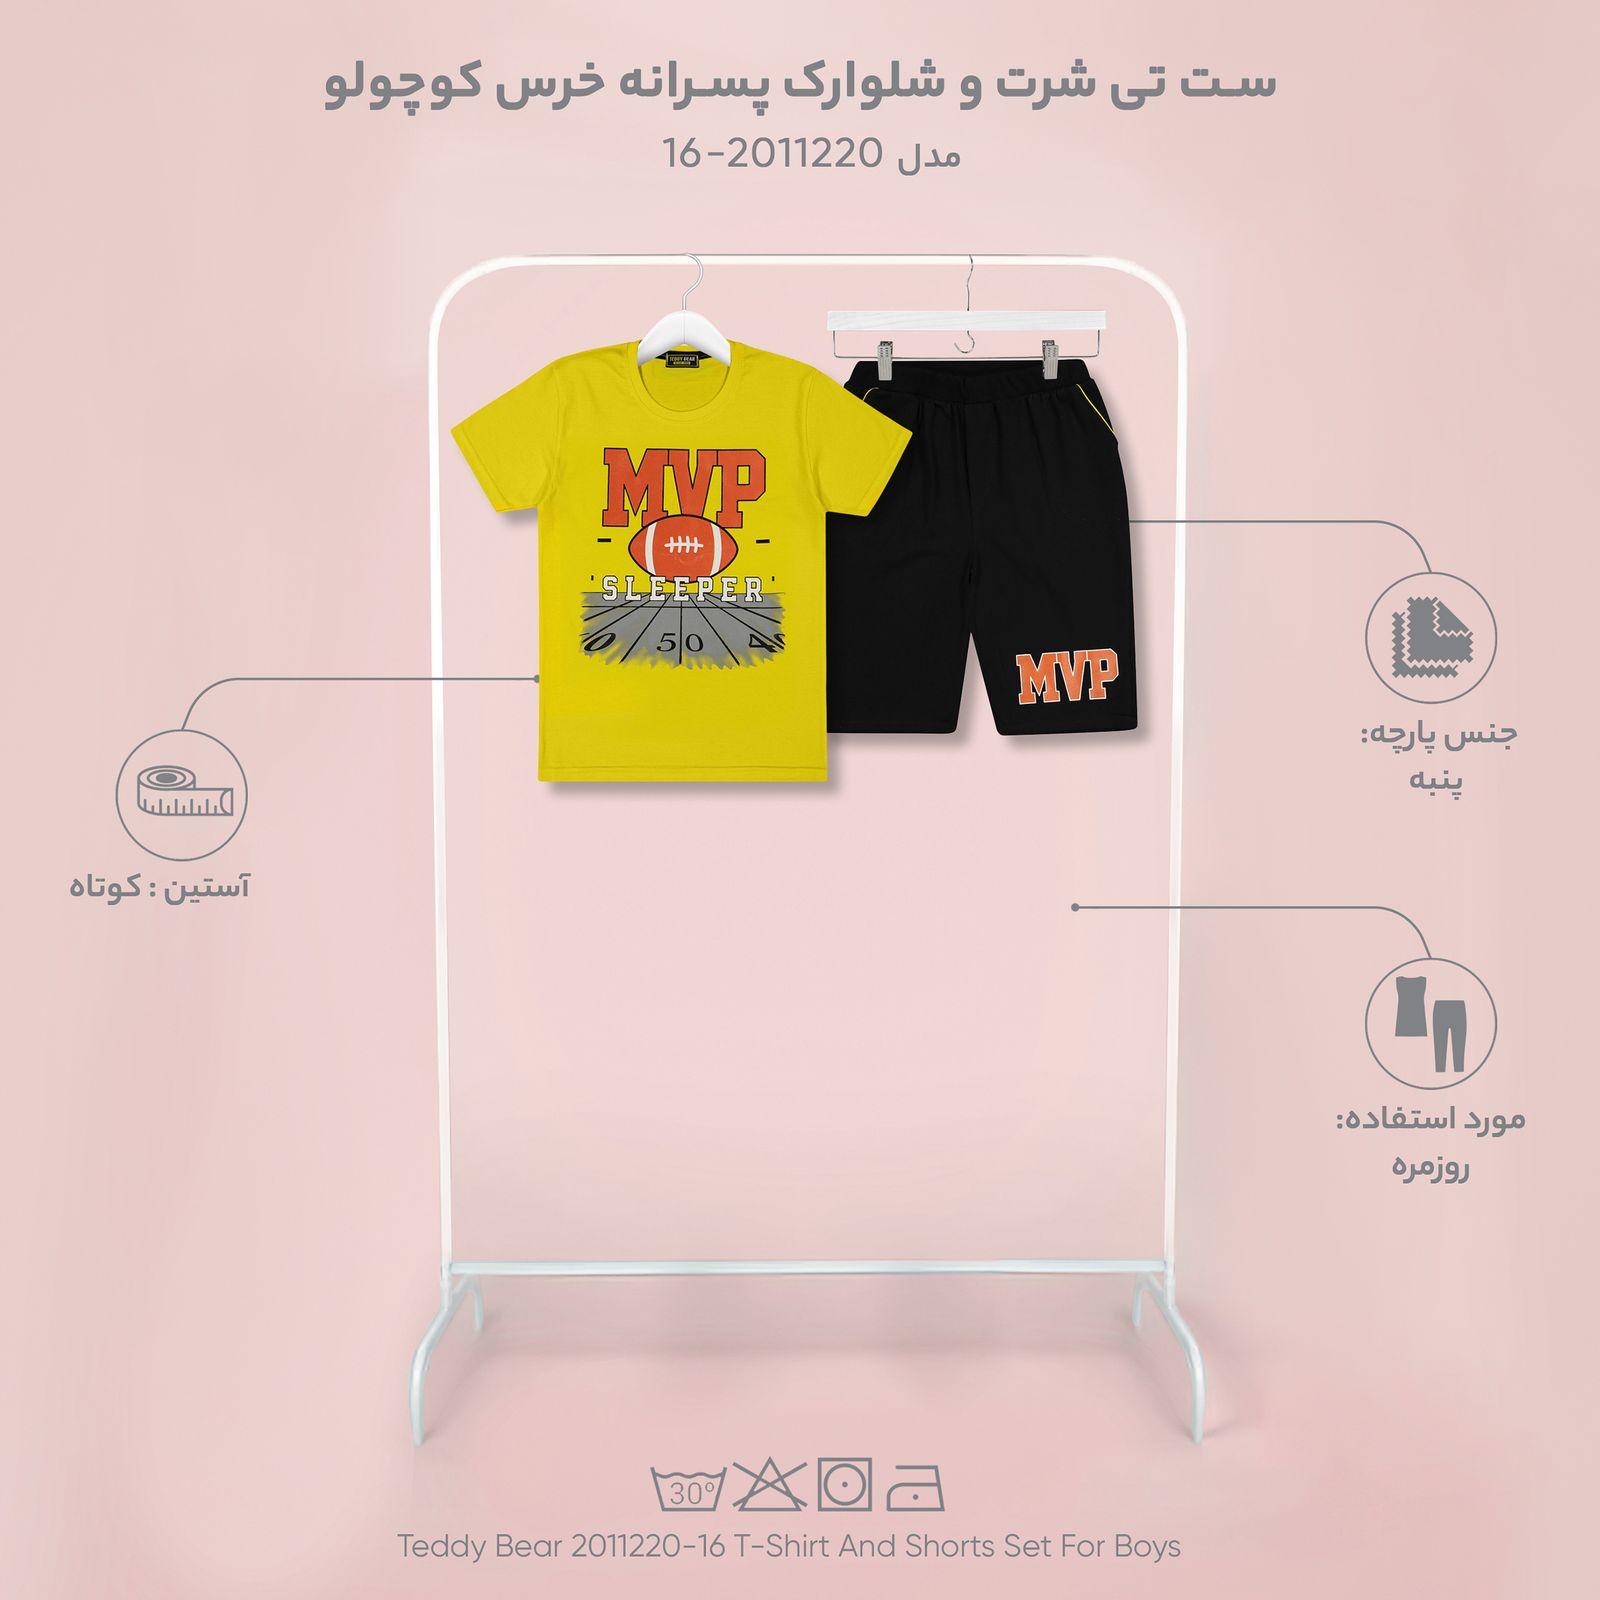 ست تی شرت و شلوارک پسرانه خرس کوچولو مدل 2011220-16 -  - 4